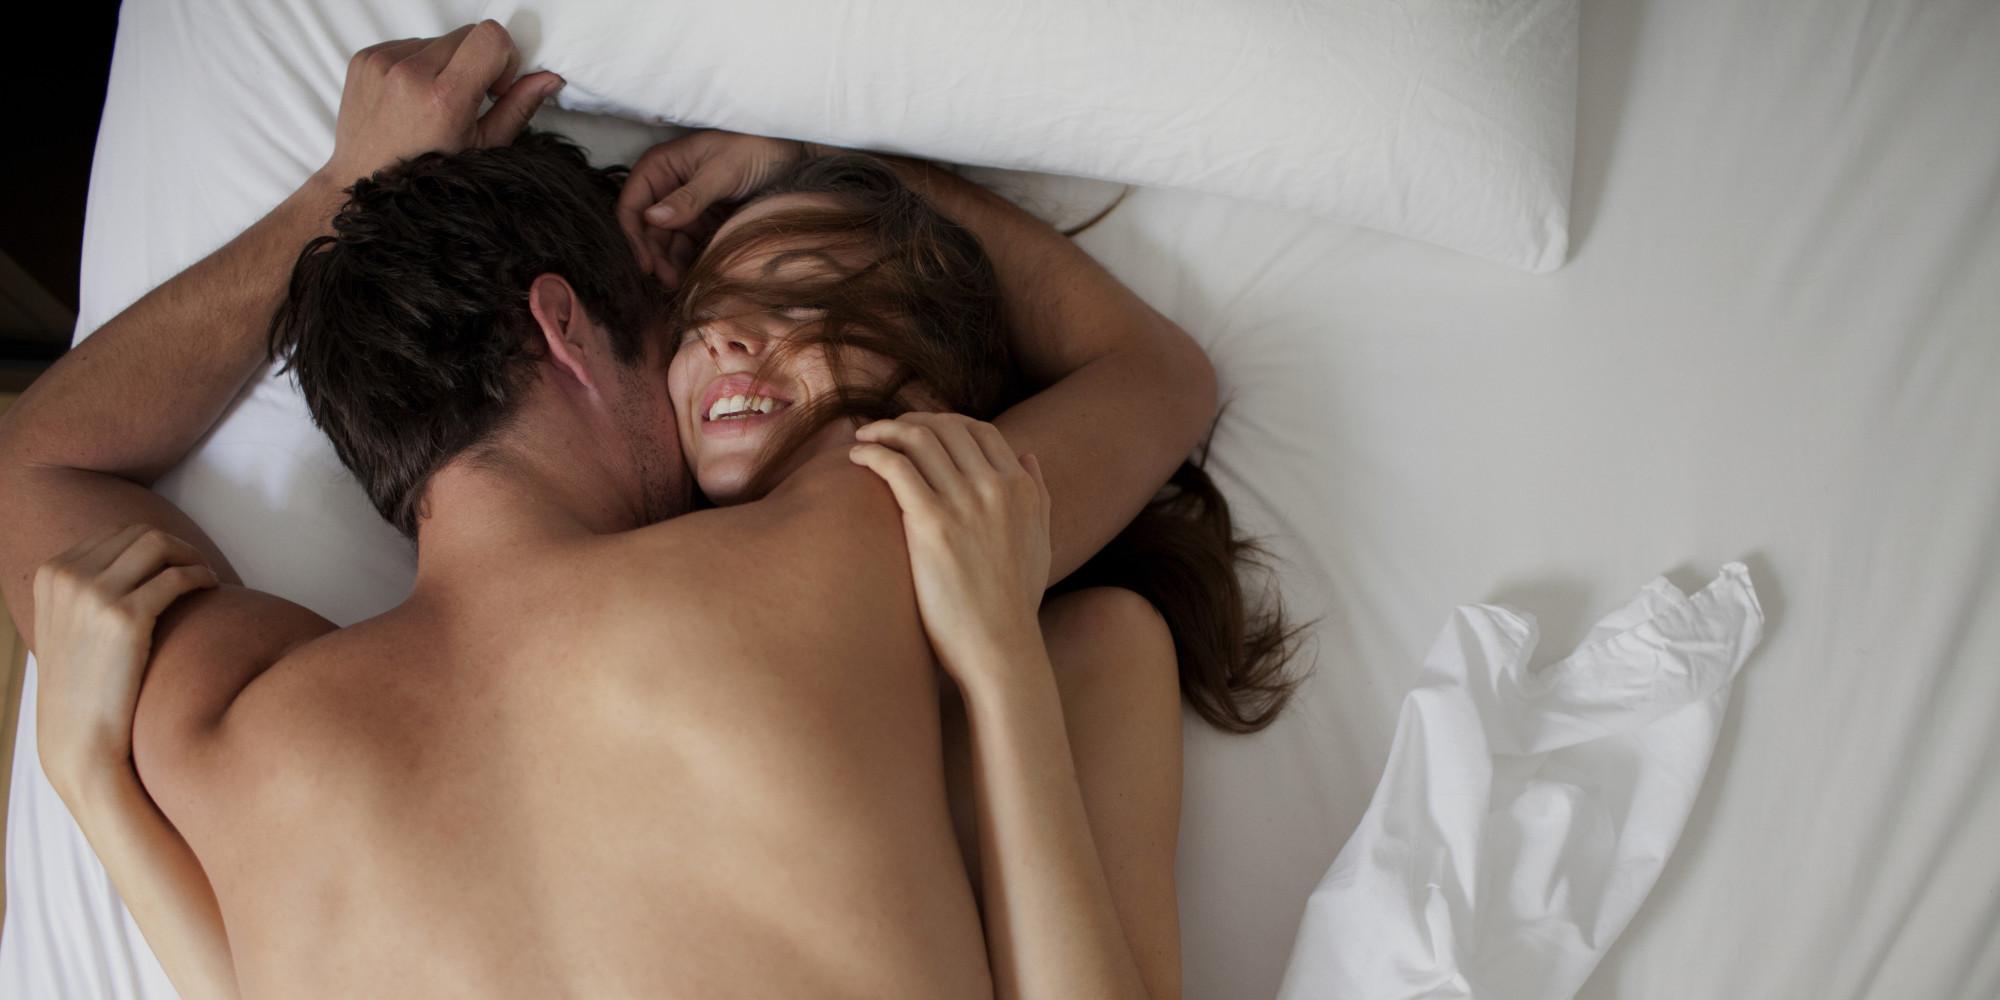 Порно инциндент секса женщины замужем